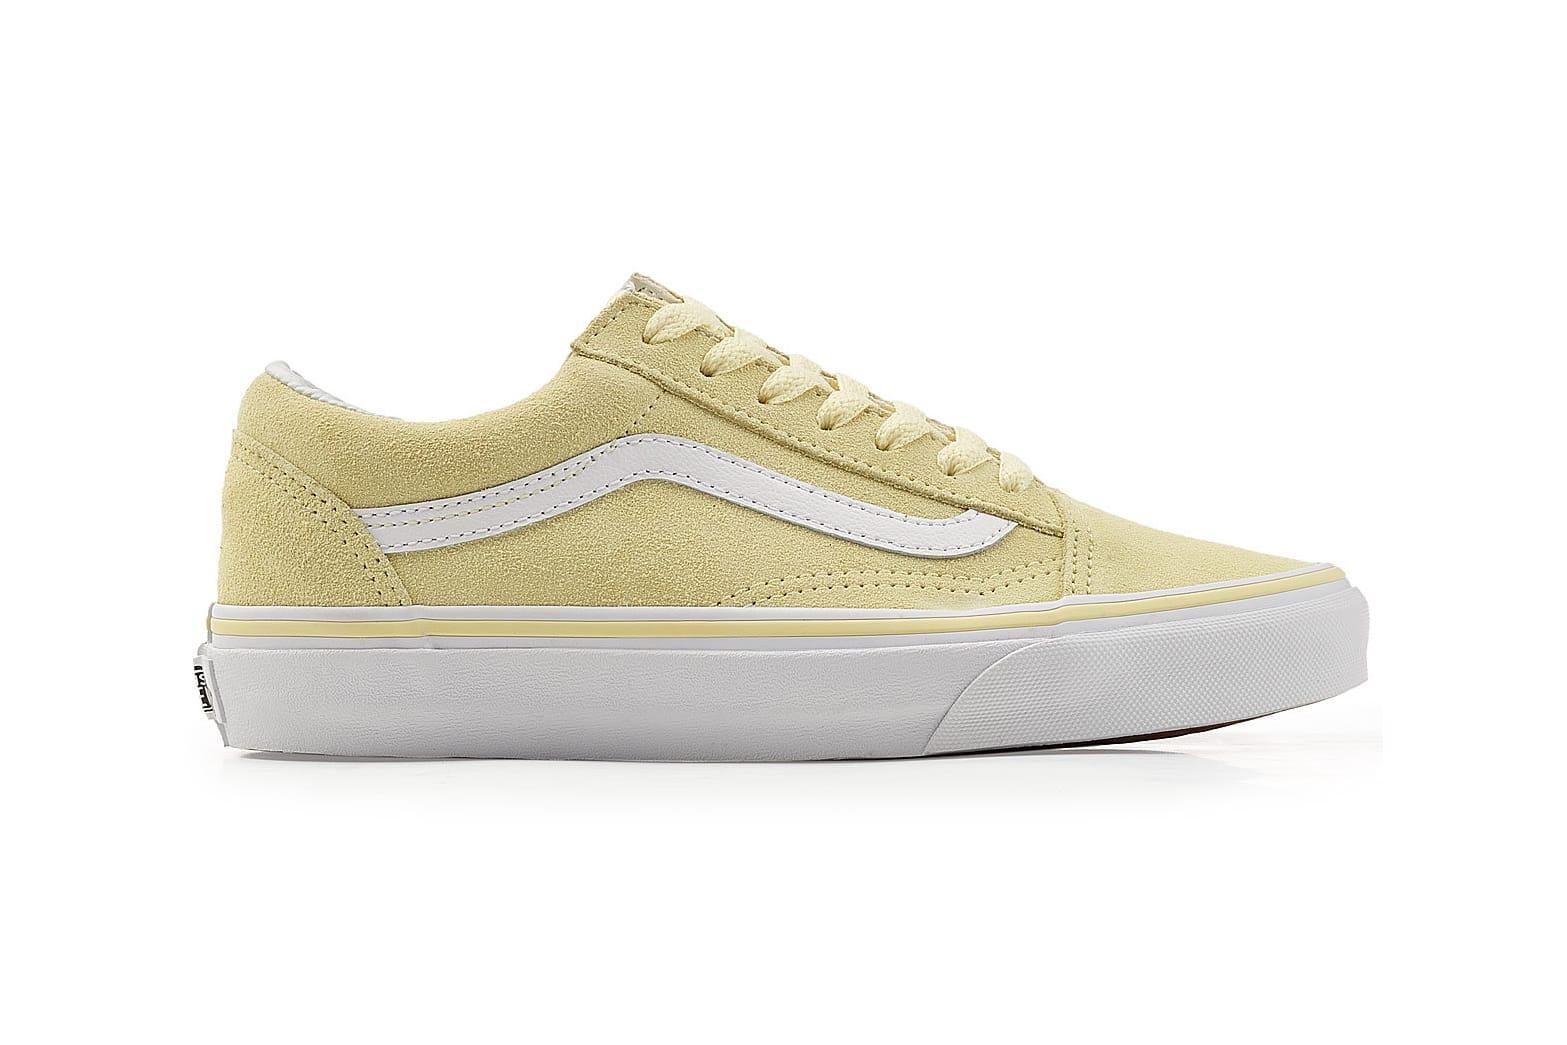 Vans drops Pastel Yellow Suede Old